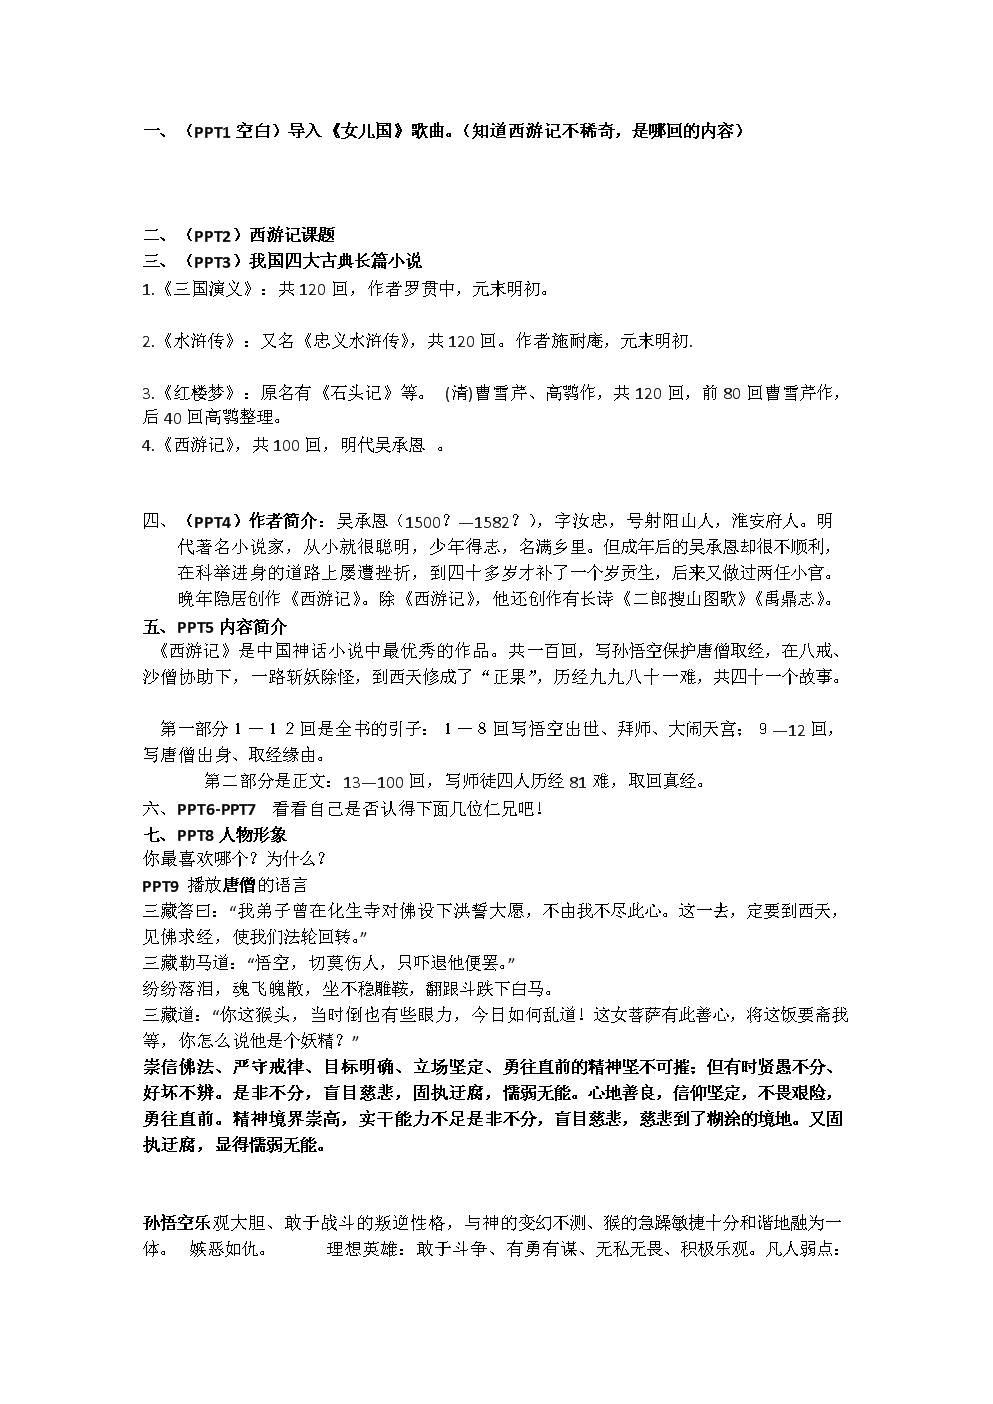 语文初中初二《西游记》人教阅读公开导读课教语初中文版2016名著图片